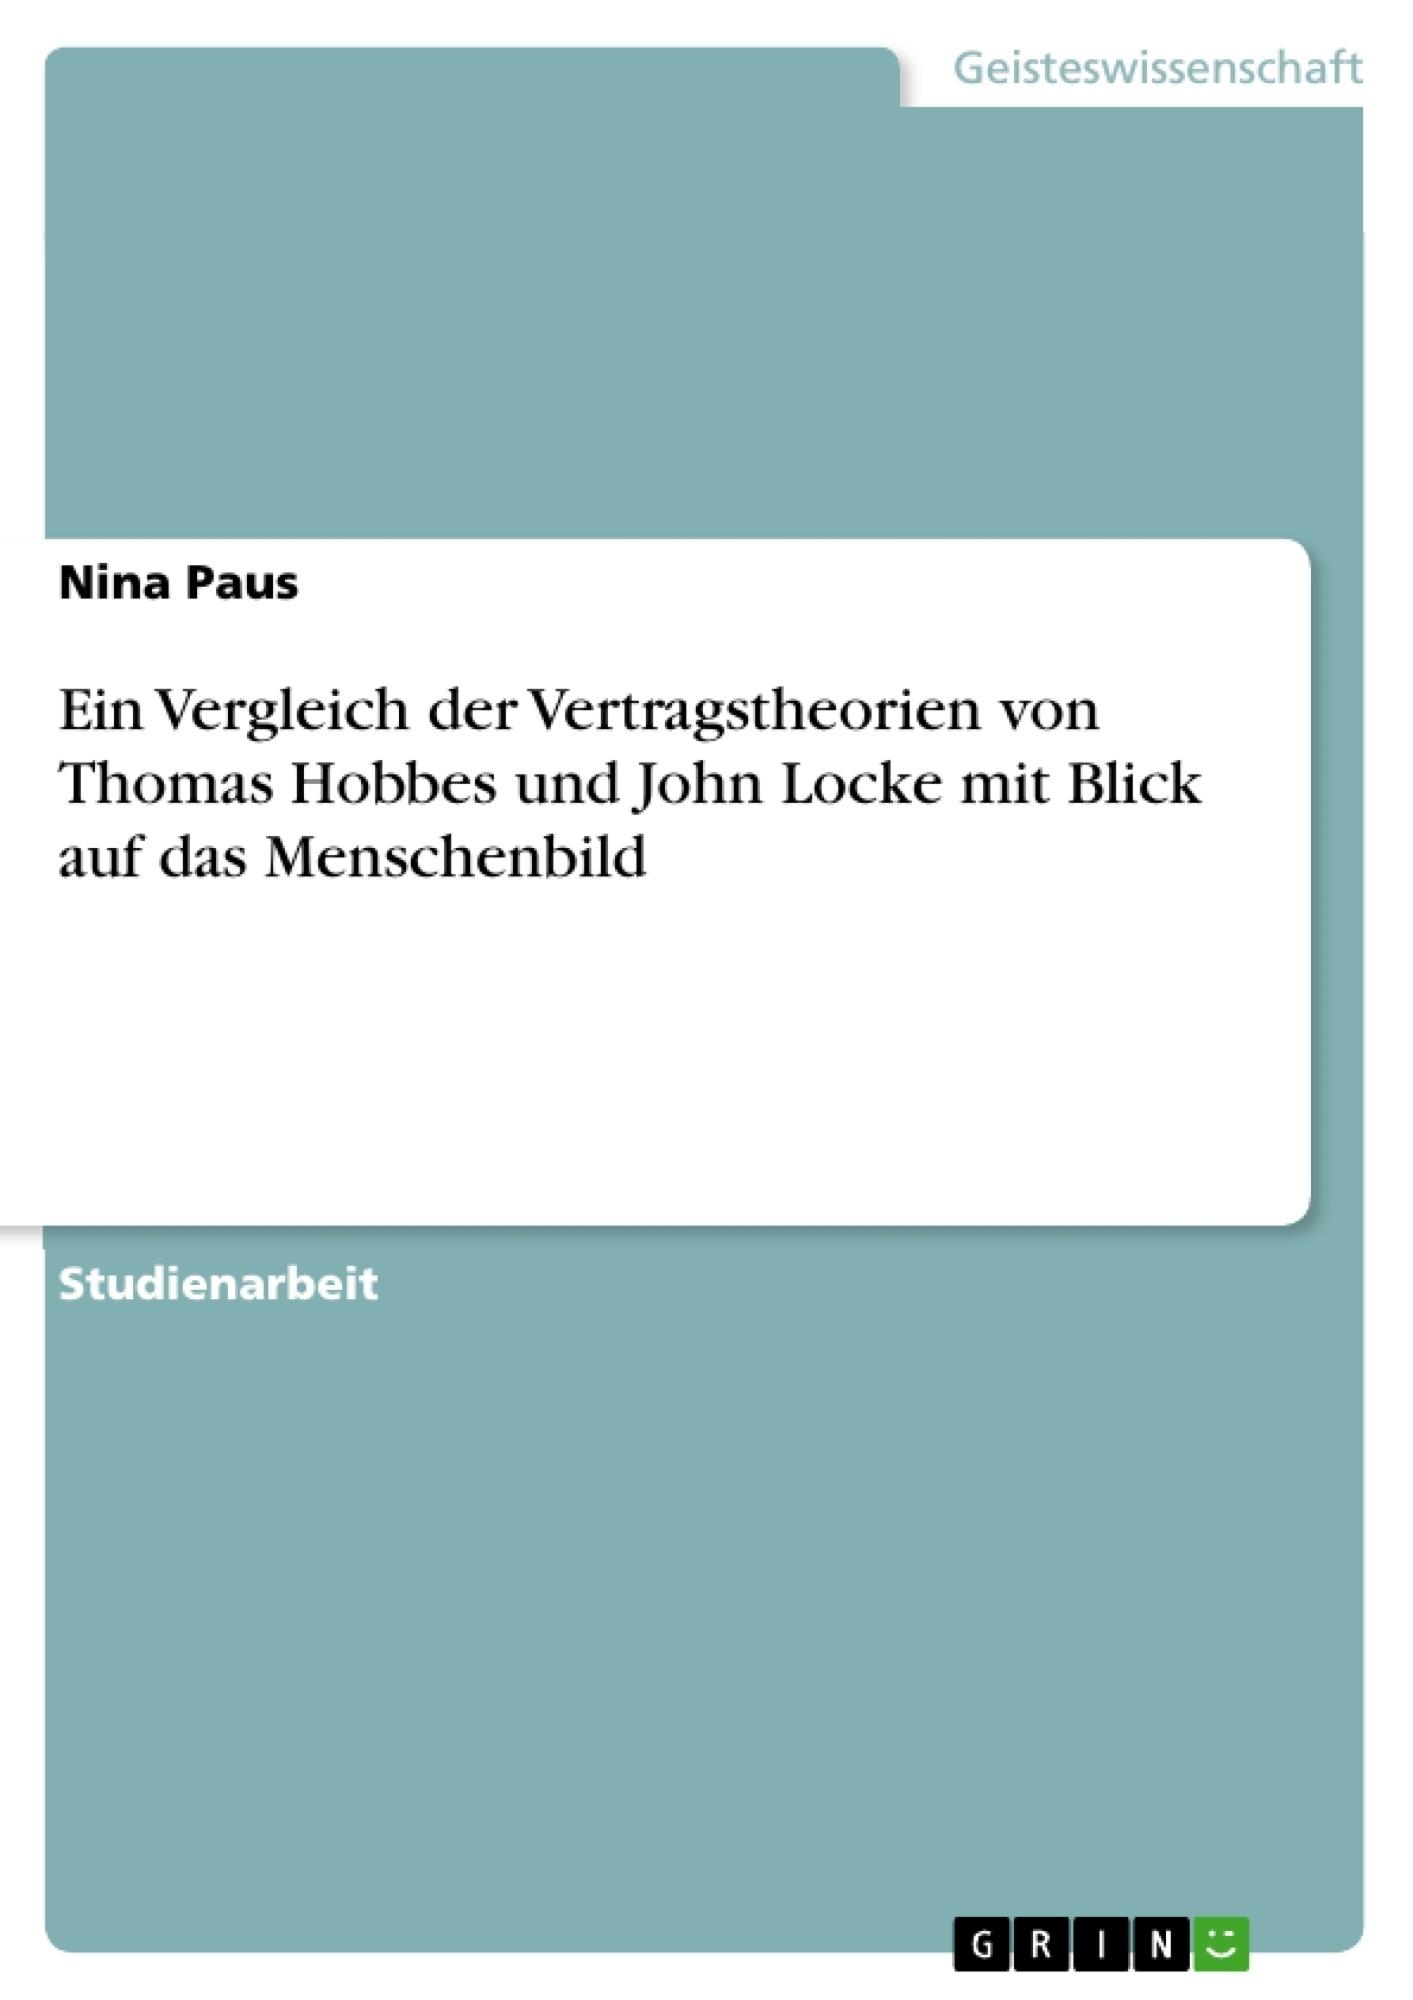 Titel: Ein Vergleich der Vertragstheorien von Thomas Hobbes und John Locke mit Blick auf das Menschenbild